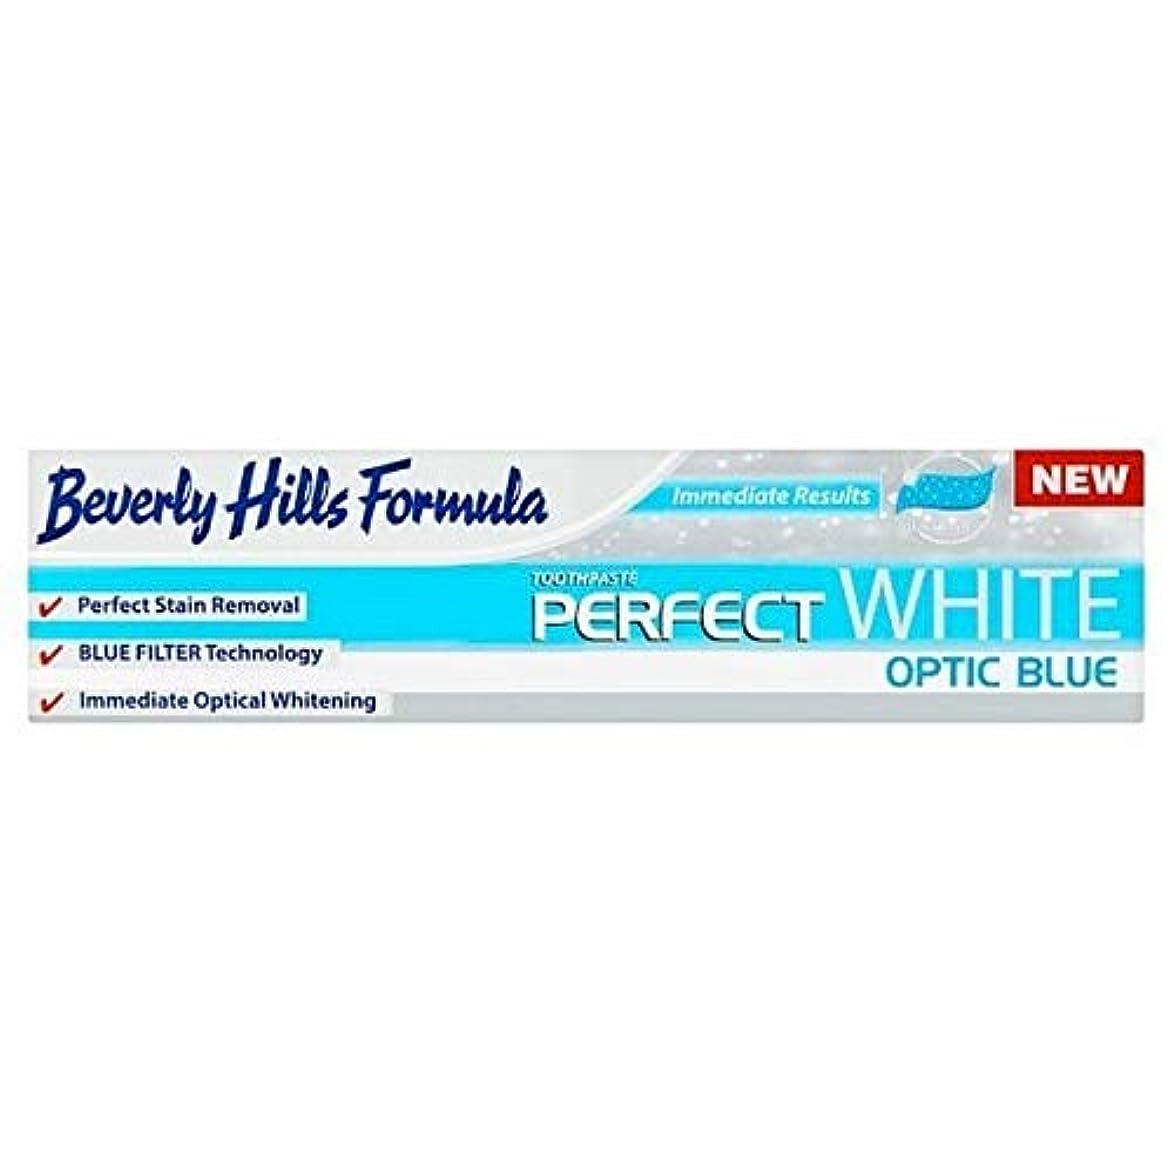 警告出会い偽善者[Beverly Hills ] ビバリーヒルズ公式パーフェクトホワイト歯磨き粉の100ミリリットル - Beverly Hills Formula Perfect White toothpaste 100ml [並行輸入品]